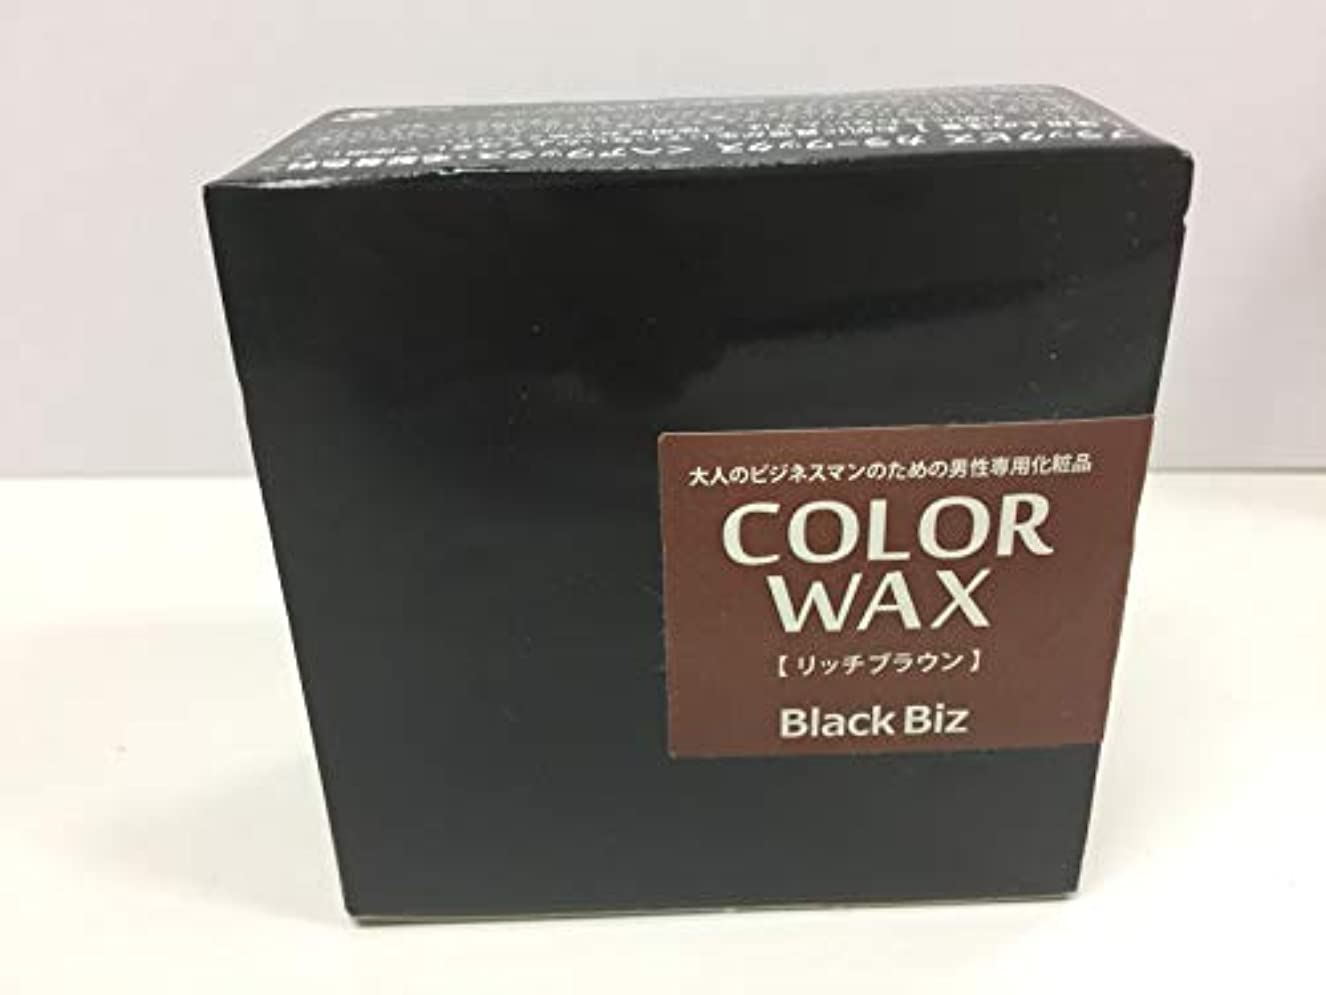 賄賂滴下協同大人のビジネスマンのための男性専用化粧品 BlackBiz COLOR WAX ブラックビズ カラーワックス 【リッチブラウン】